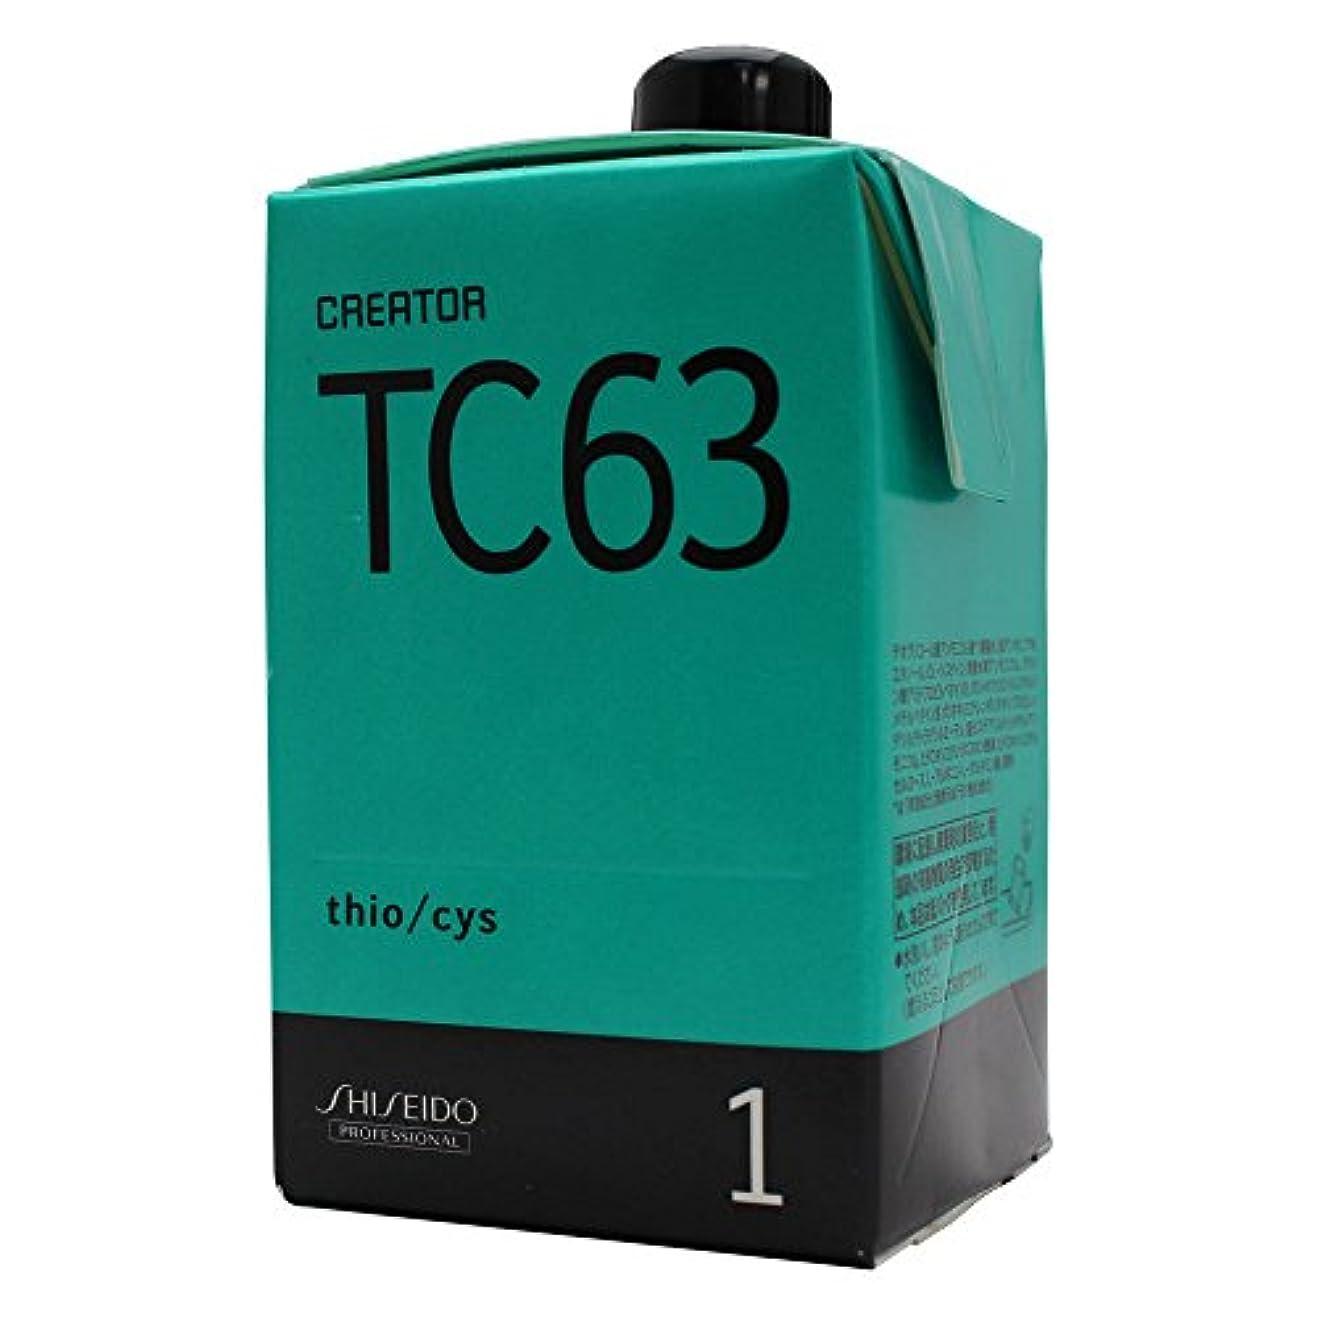 ペイン吸い込む乳資生堂 クリエイター TC63 第1剤 400ml